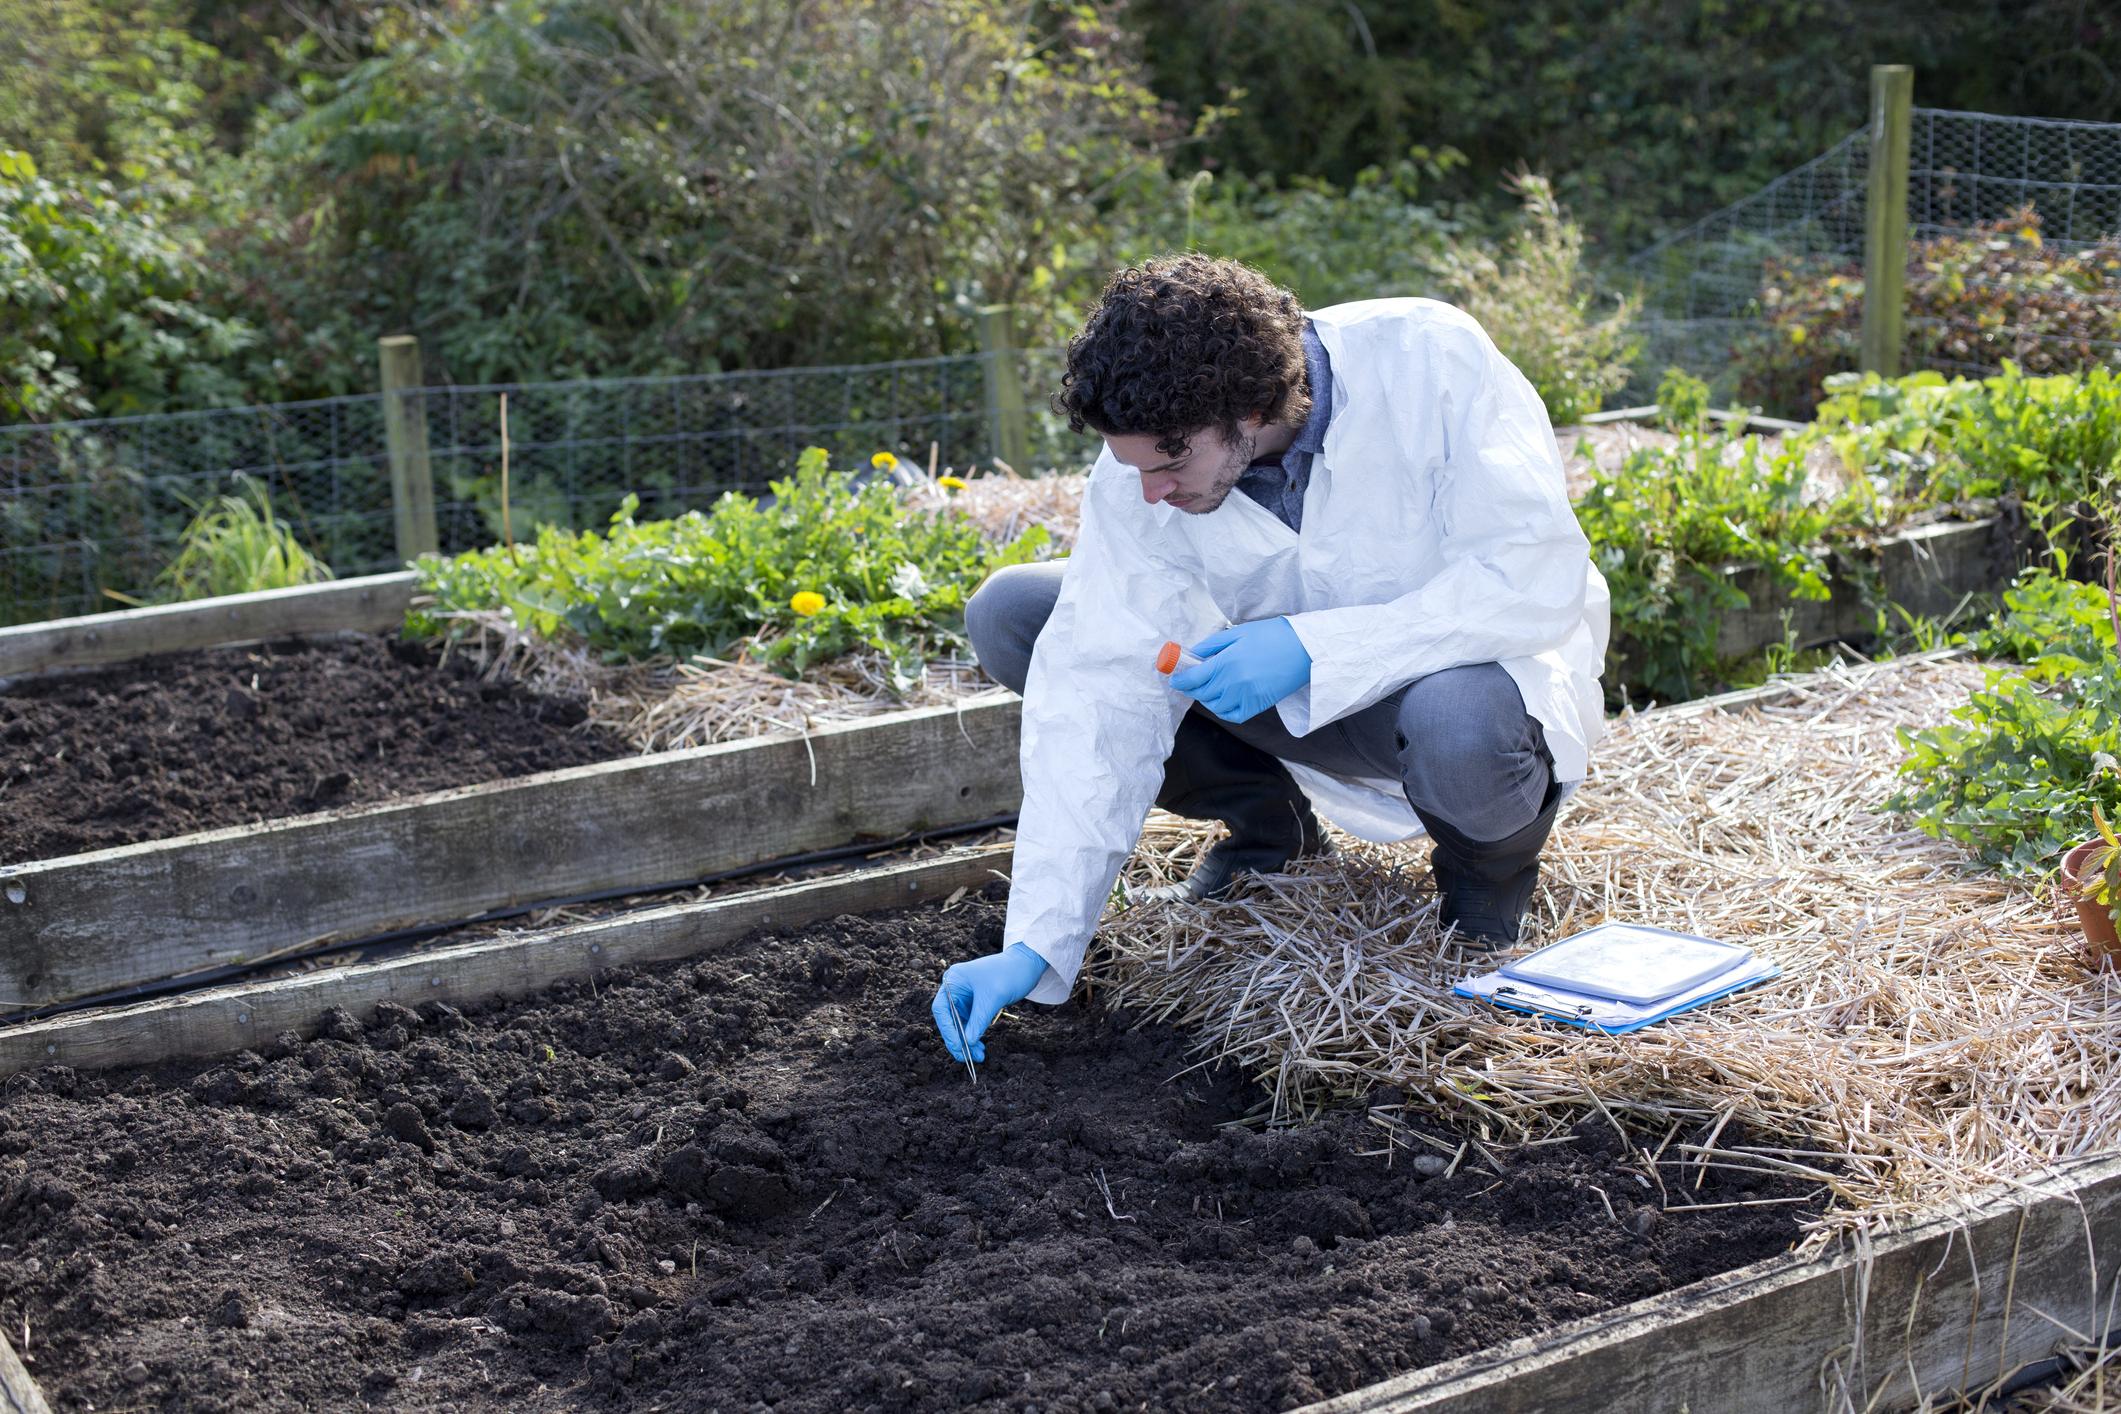 【水資源の環境保護】土壌汚染対策のリサーチ&コンサルティングのお仕事!